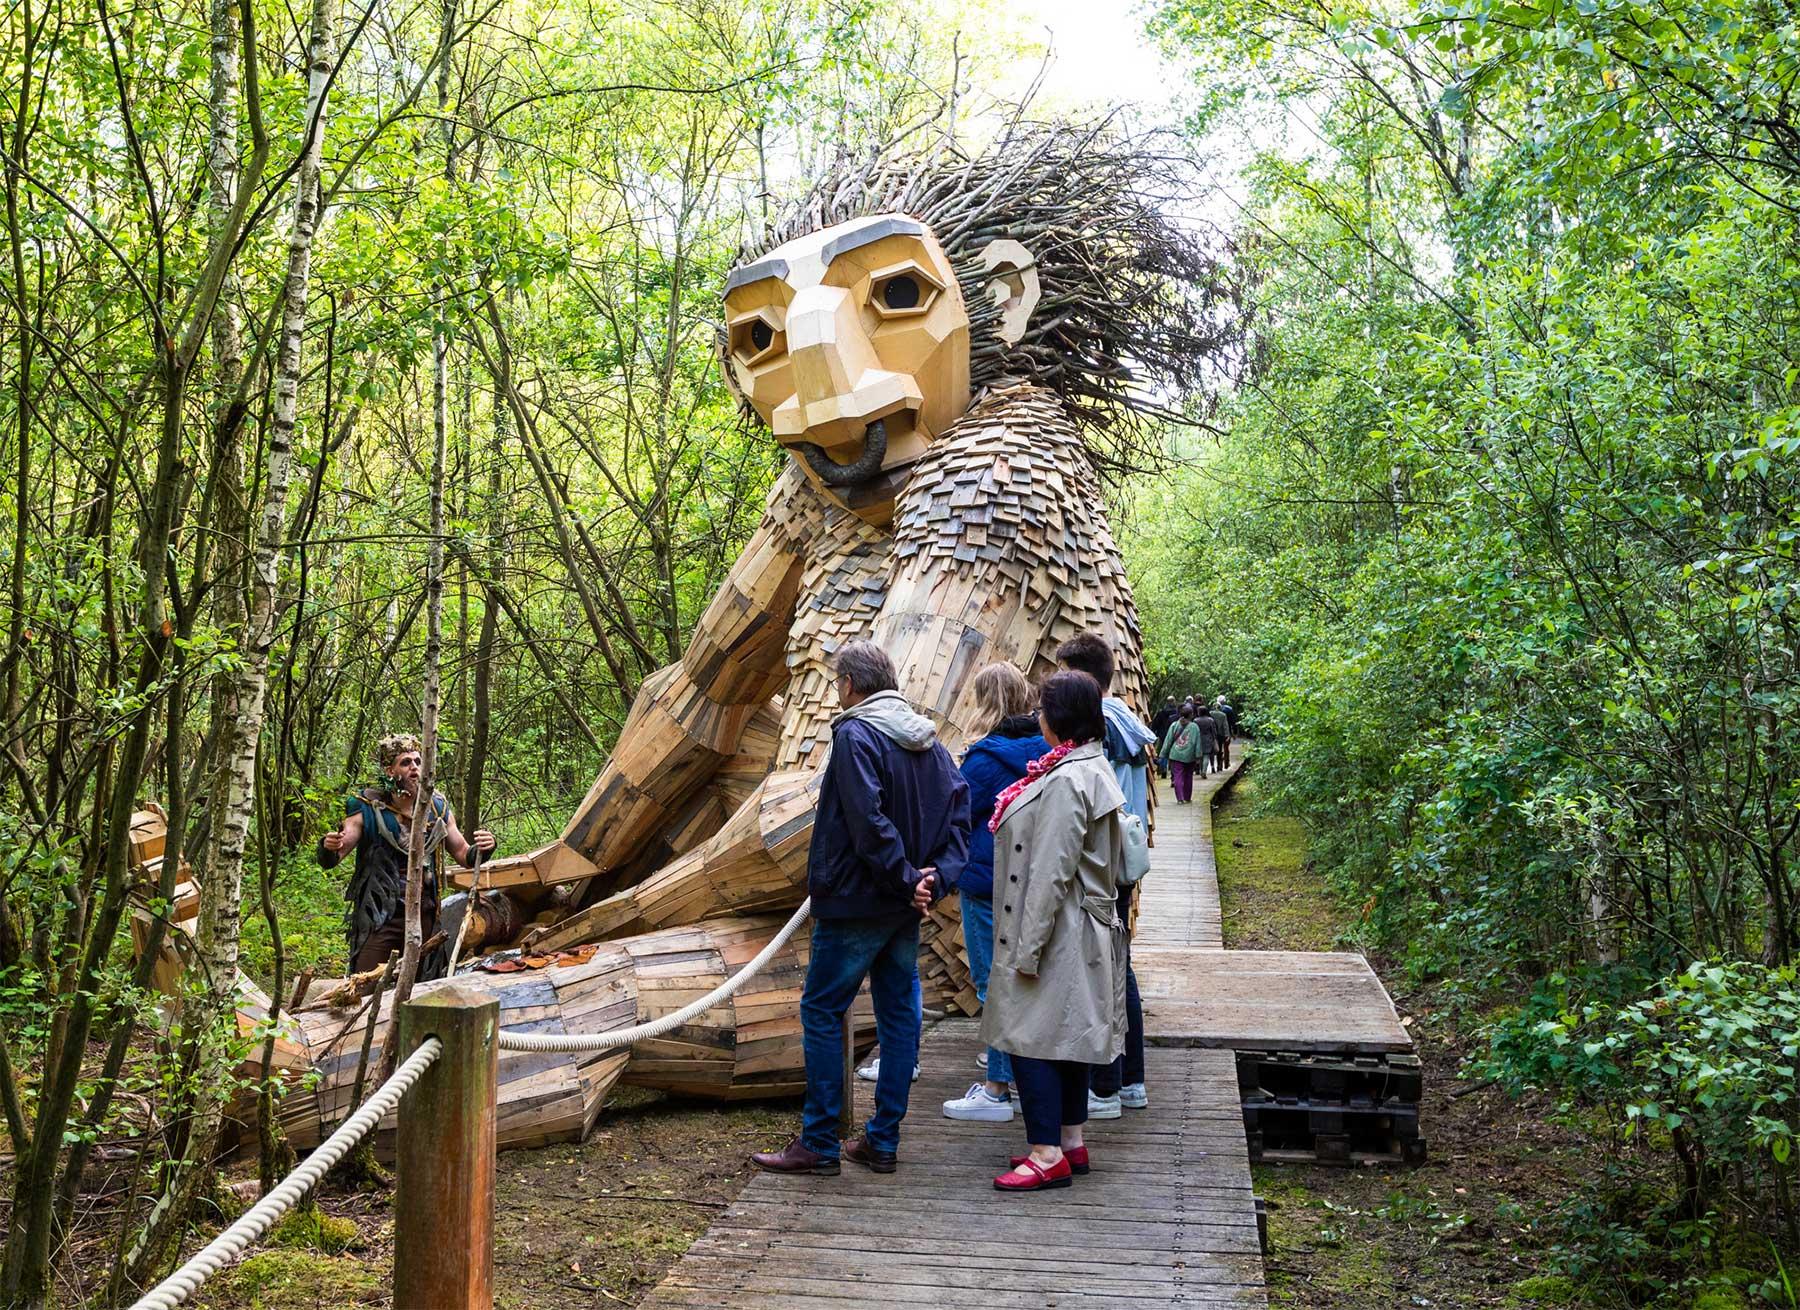 Fantastische Holzmonster im belgischen Wald